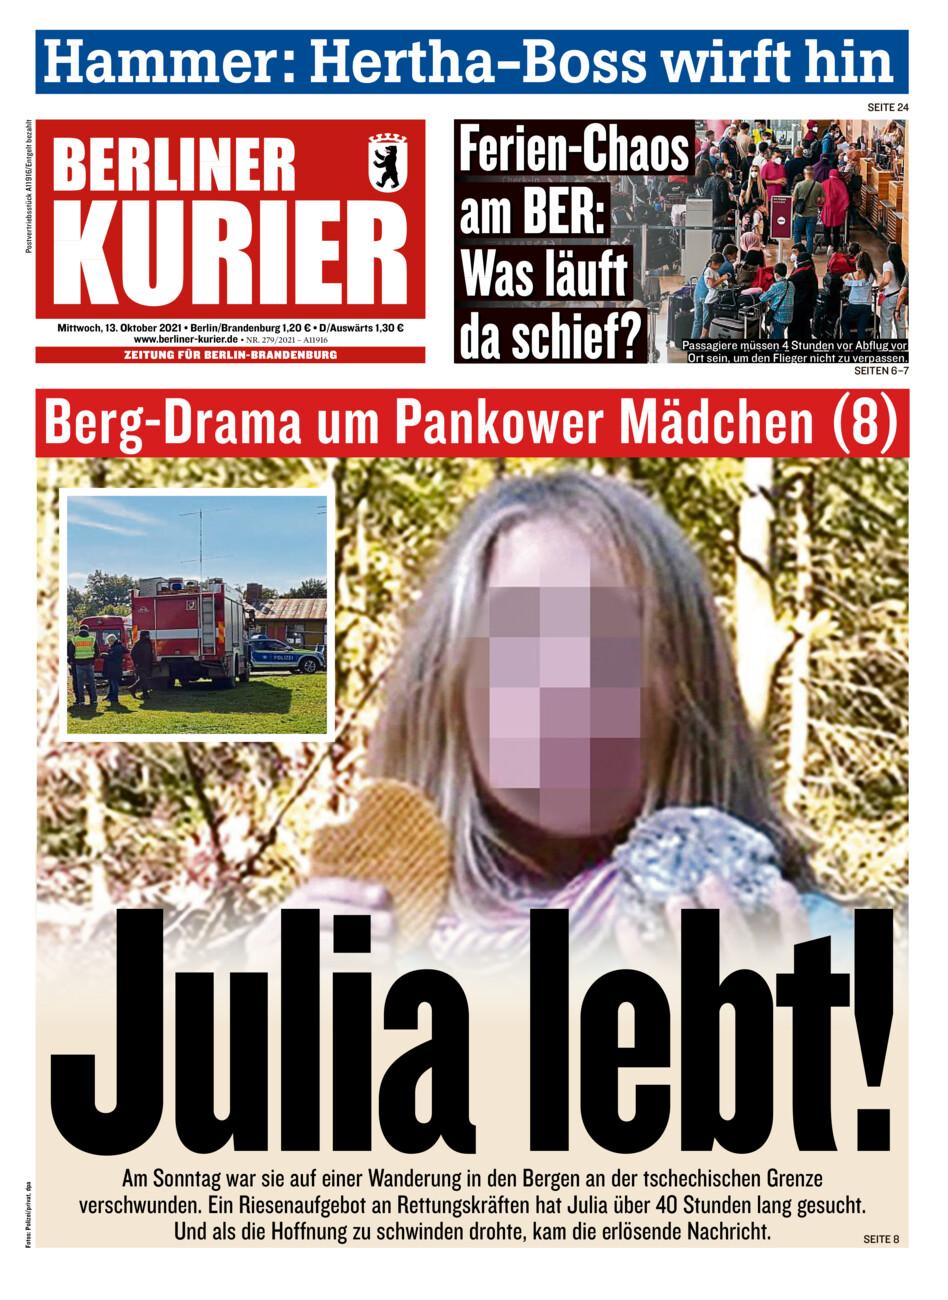 Berliner Kurier vom Mittwoch, 13.10.2021